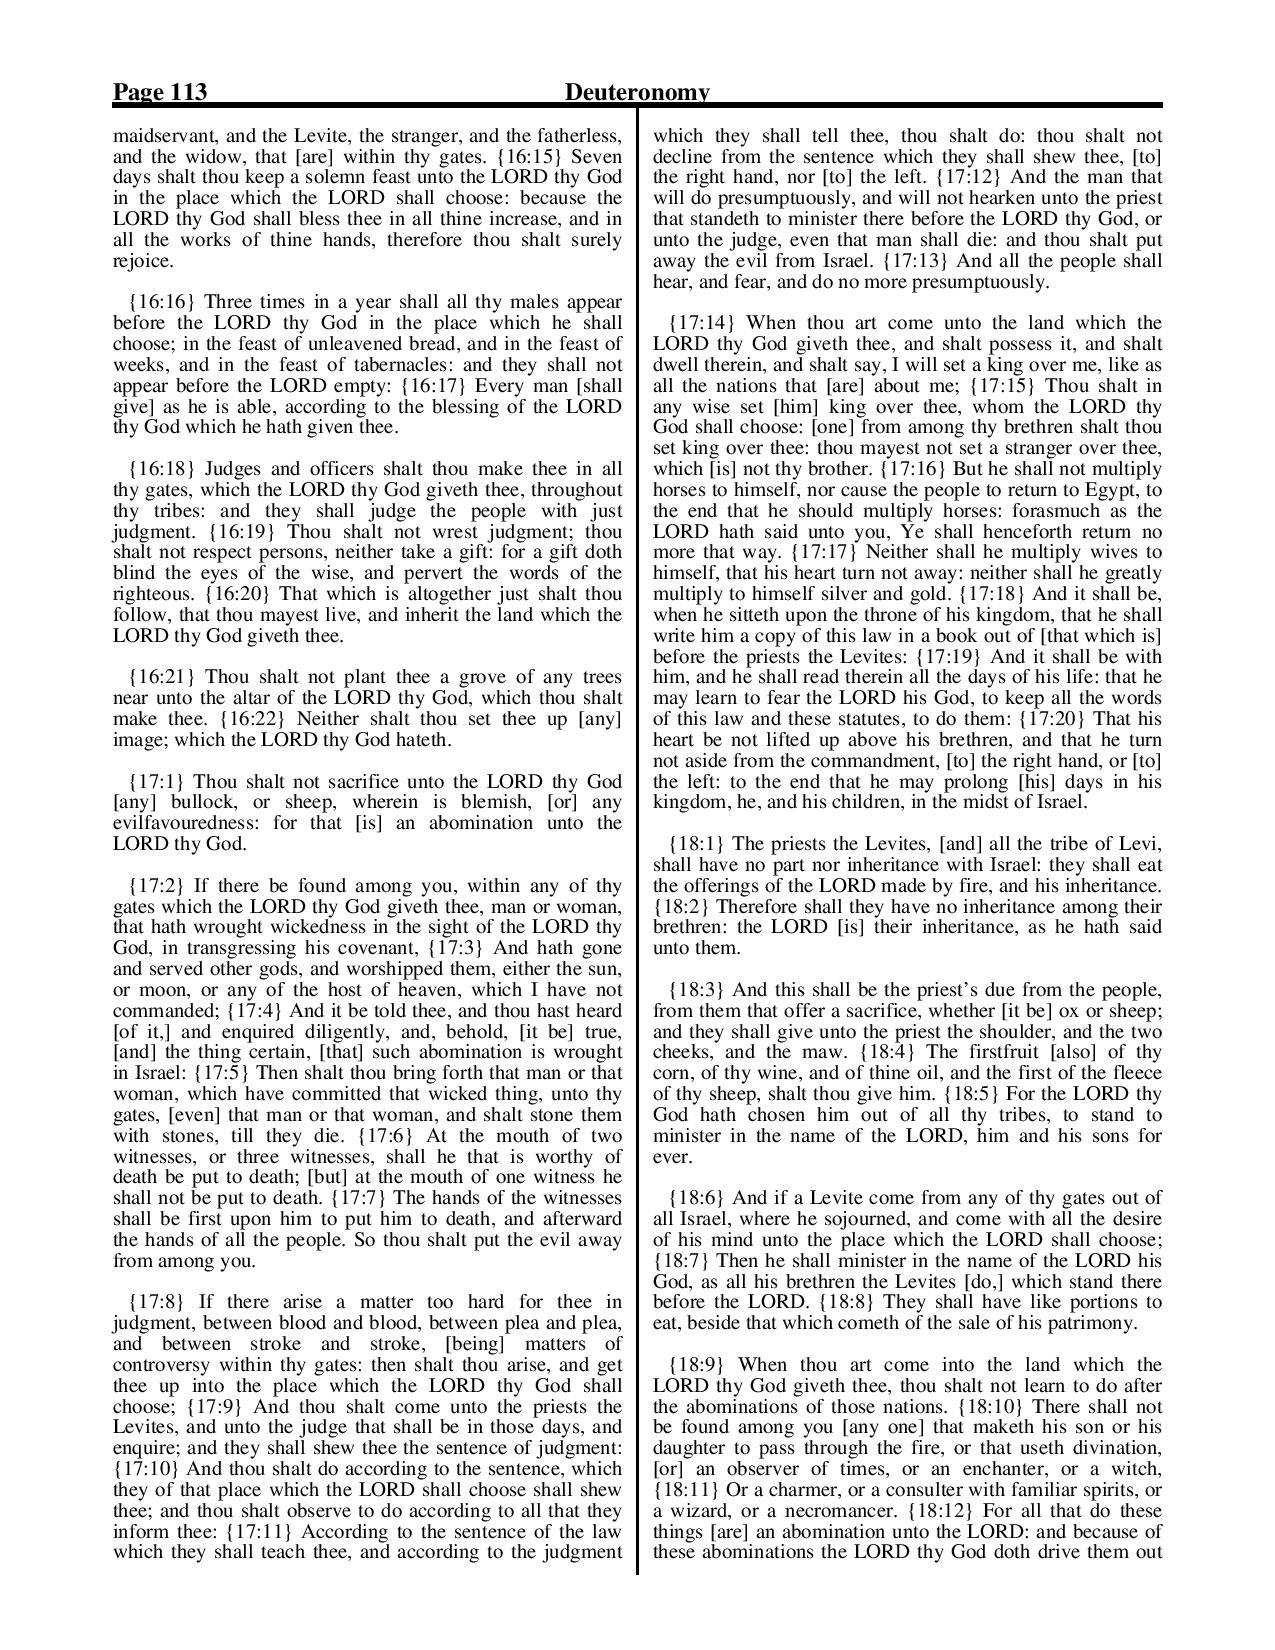 King-James-Bible-KJV-Bible-PDF-page-134